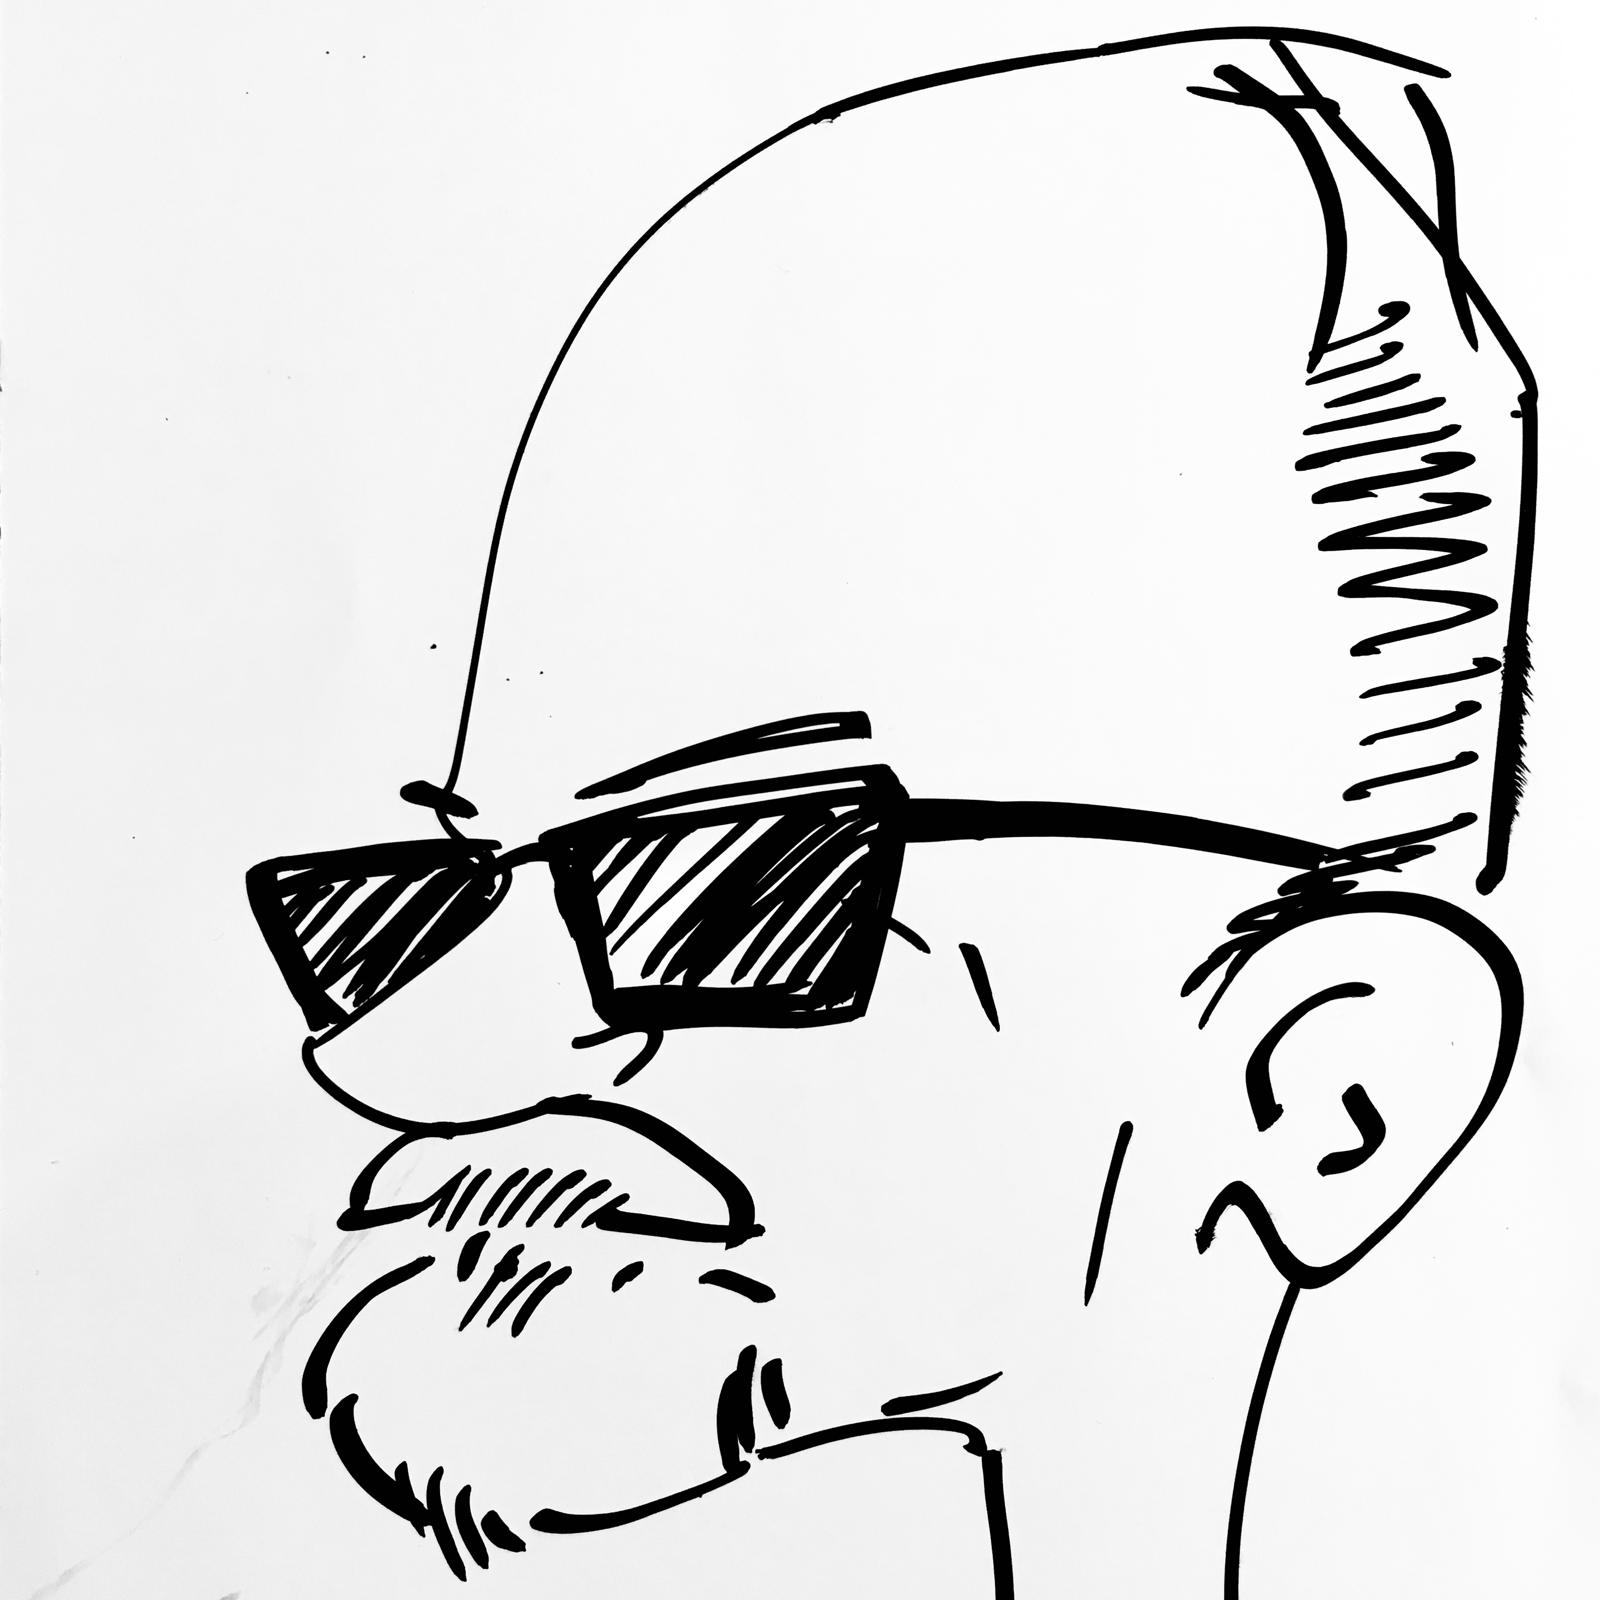 John Wunderlich